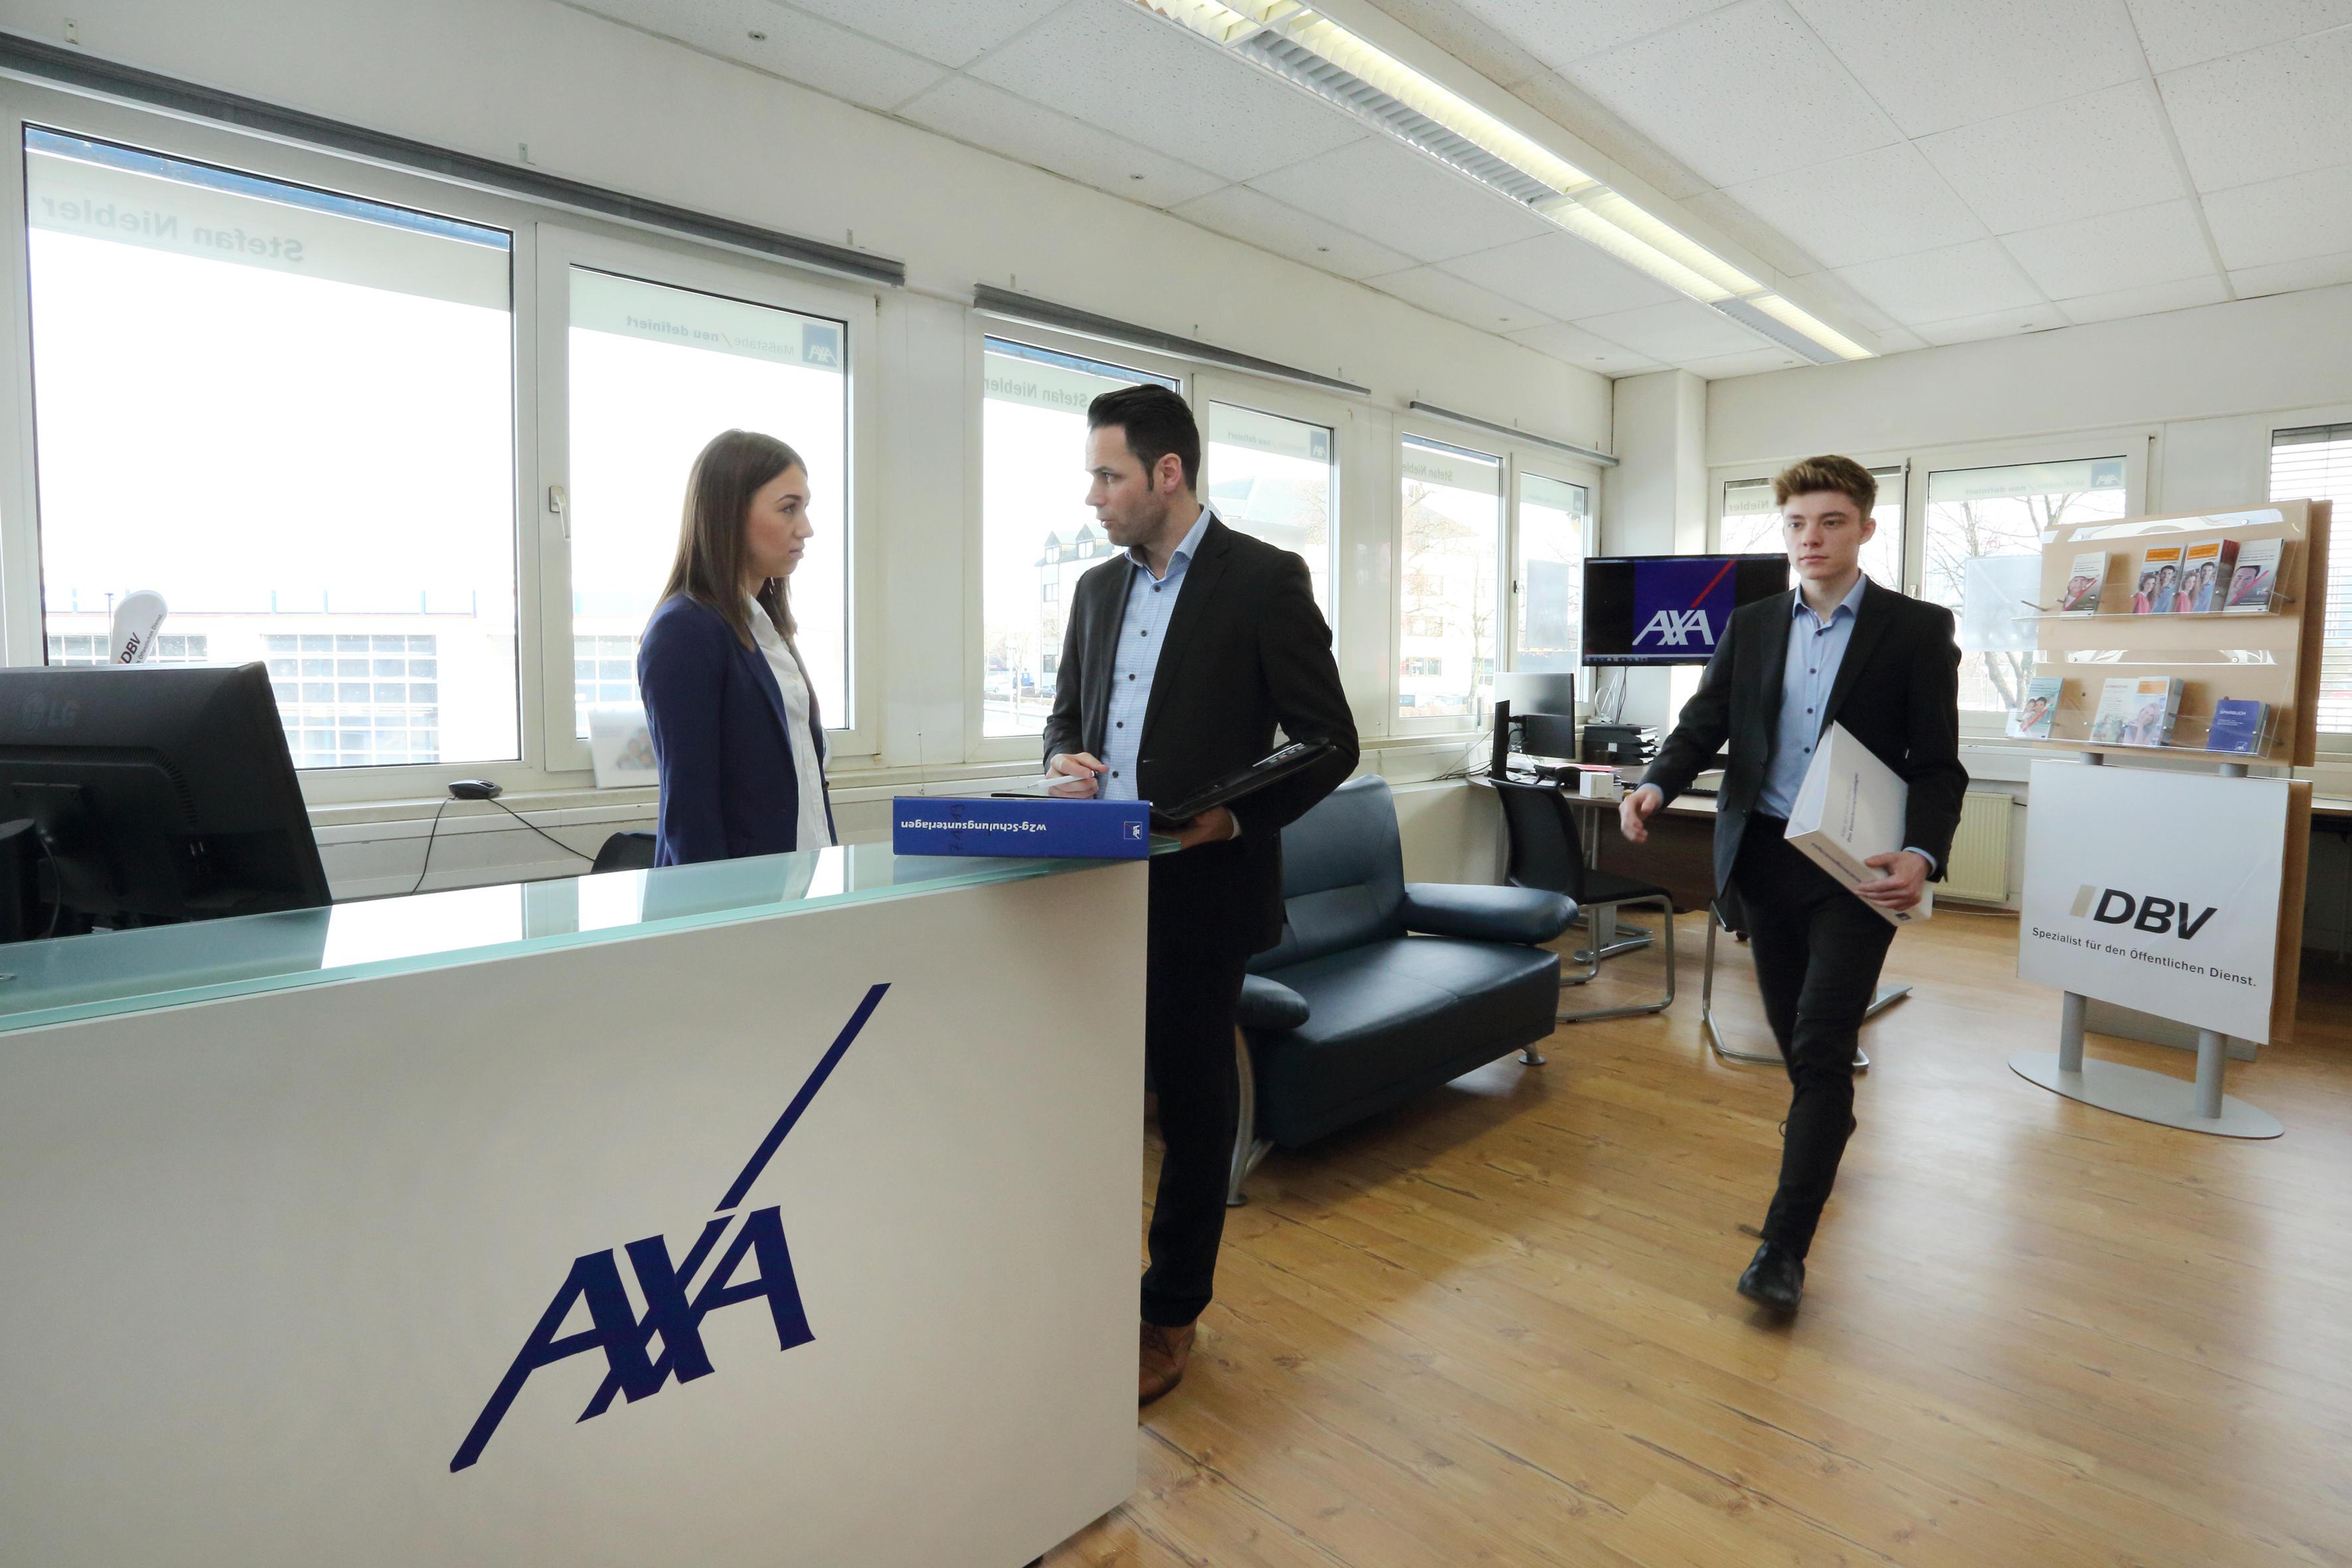 Rezeption in der AXA Agentur Niebler in Bayreuth